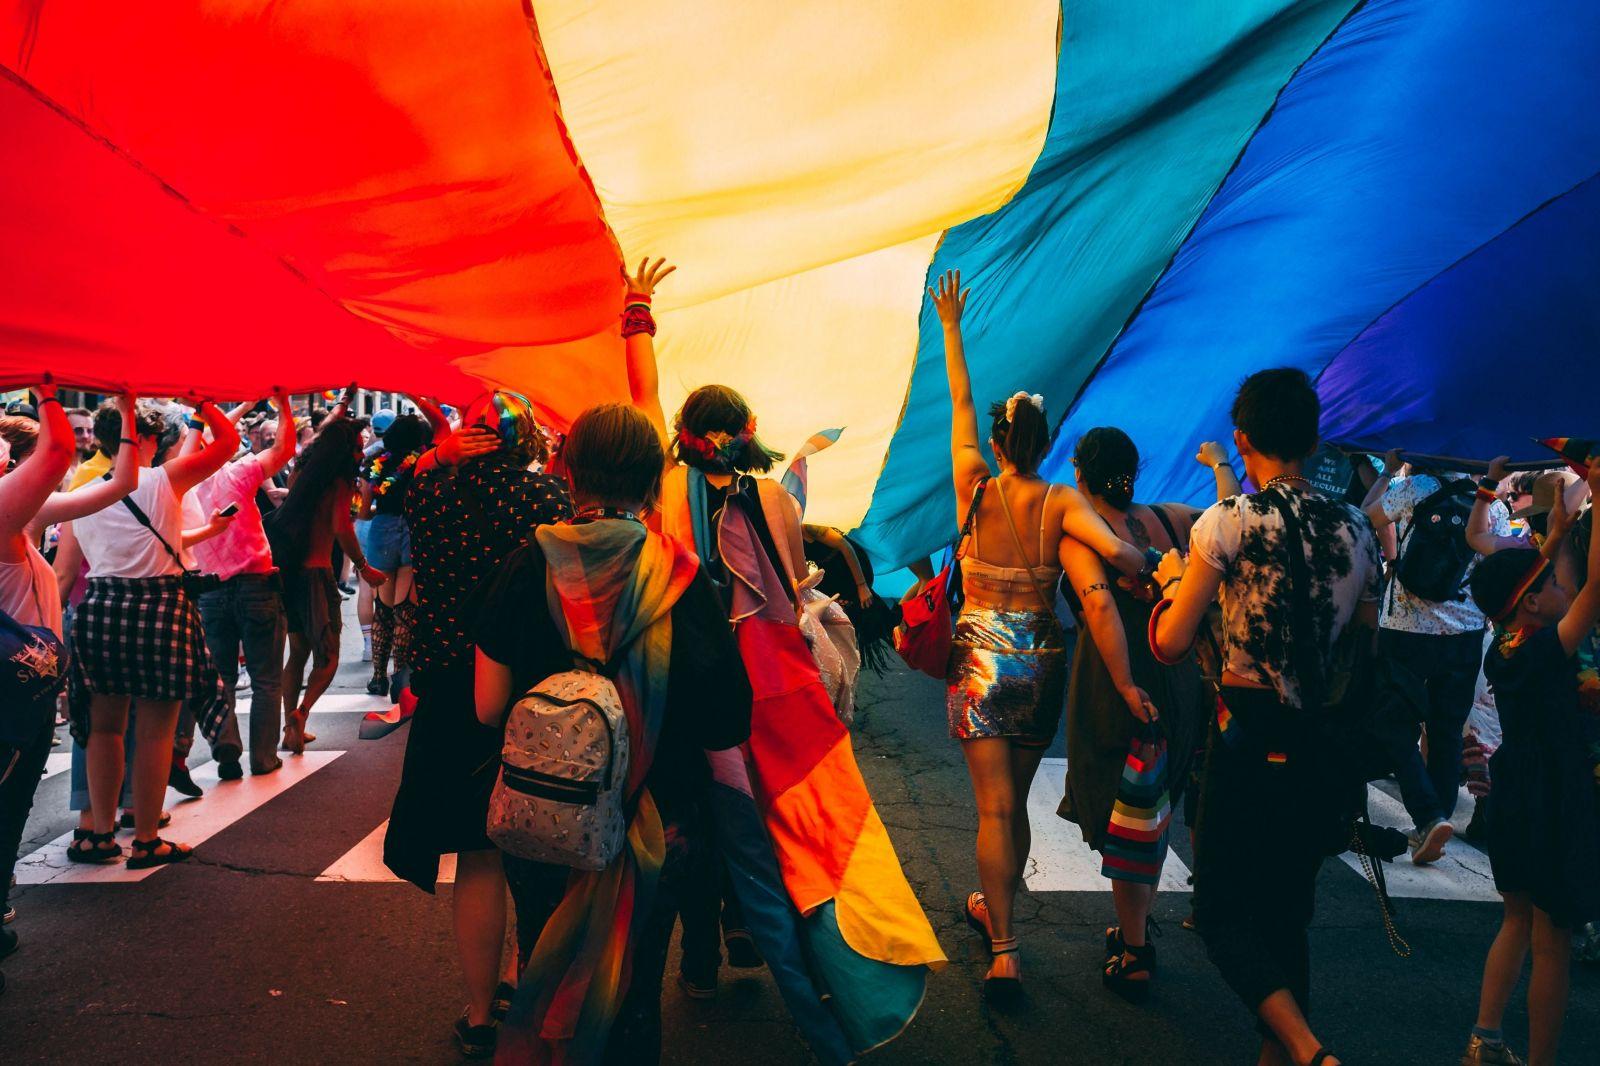 Sú mladí Slováci otvorení voči homosexuálom? Seriálový Ján to nebude mať na novej škole ľahké